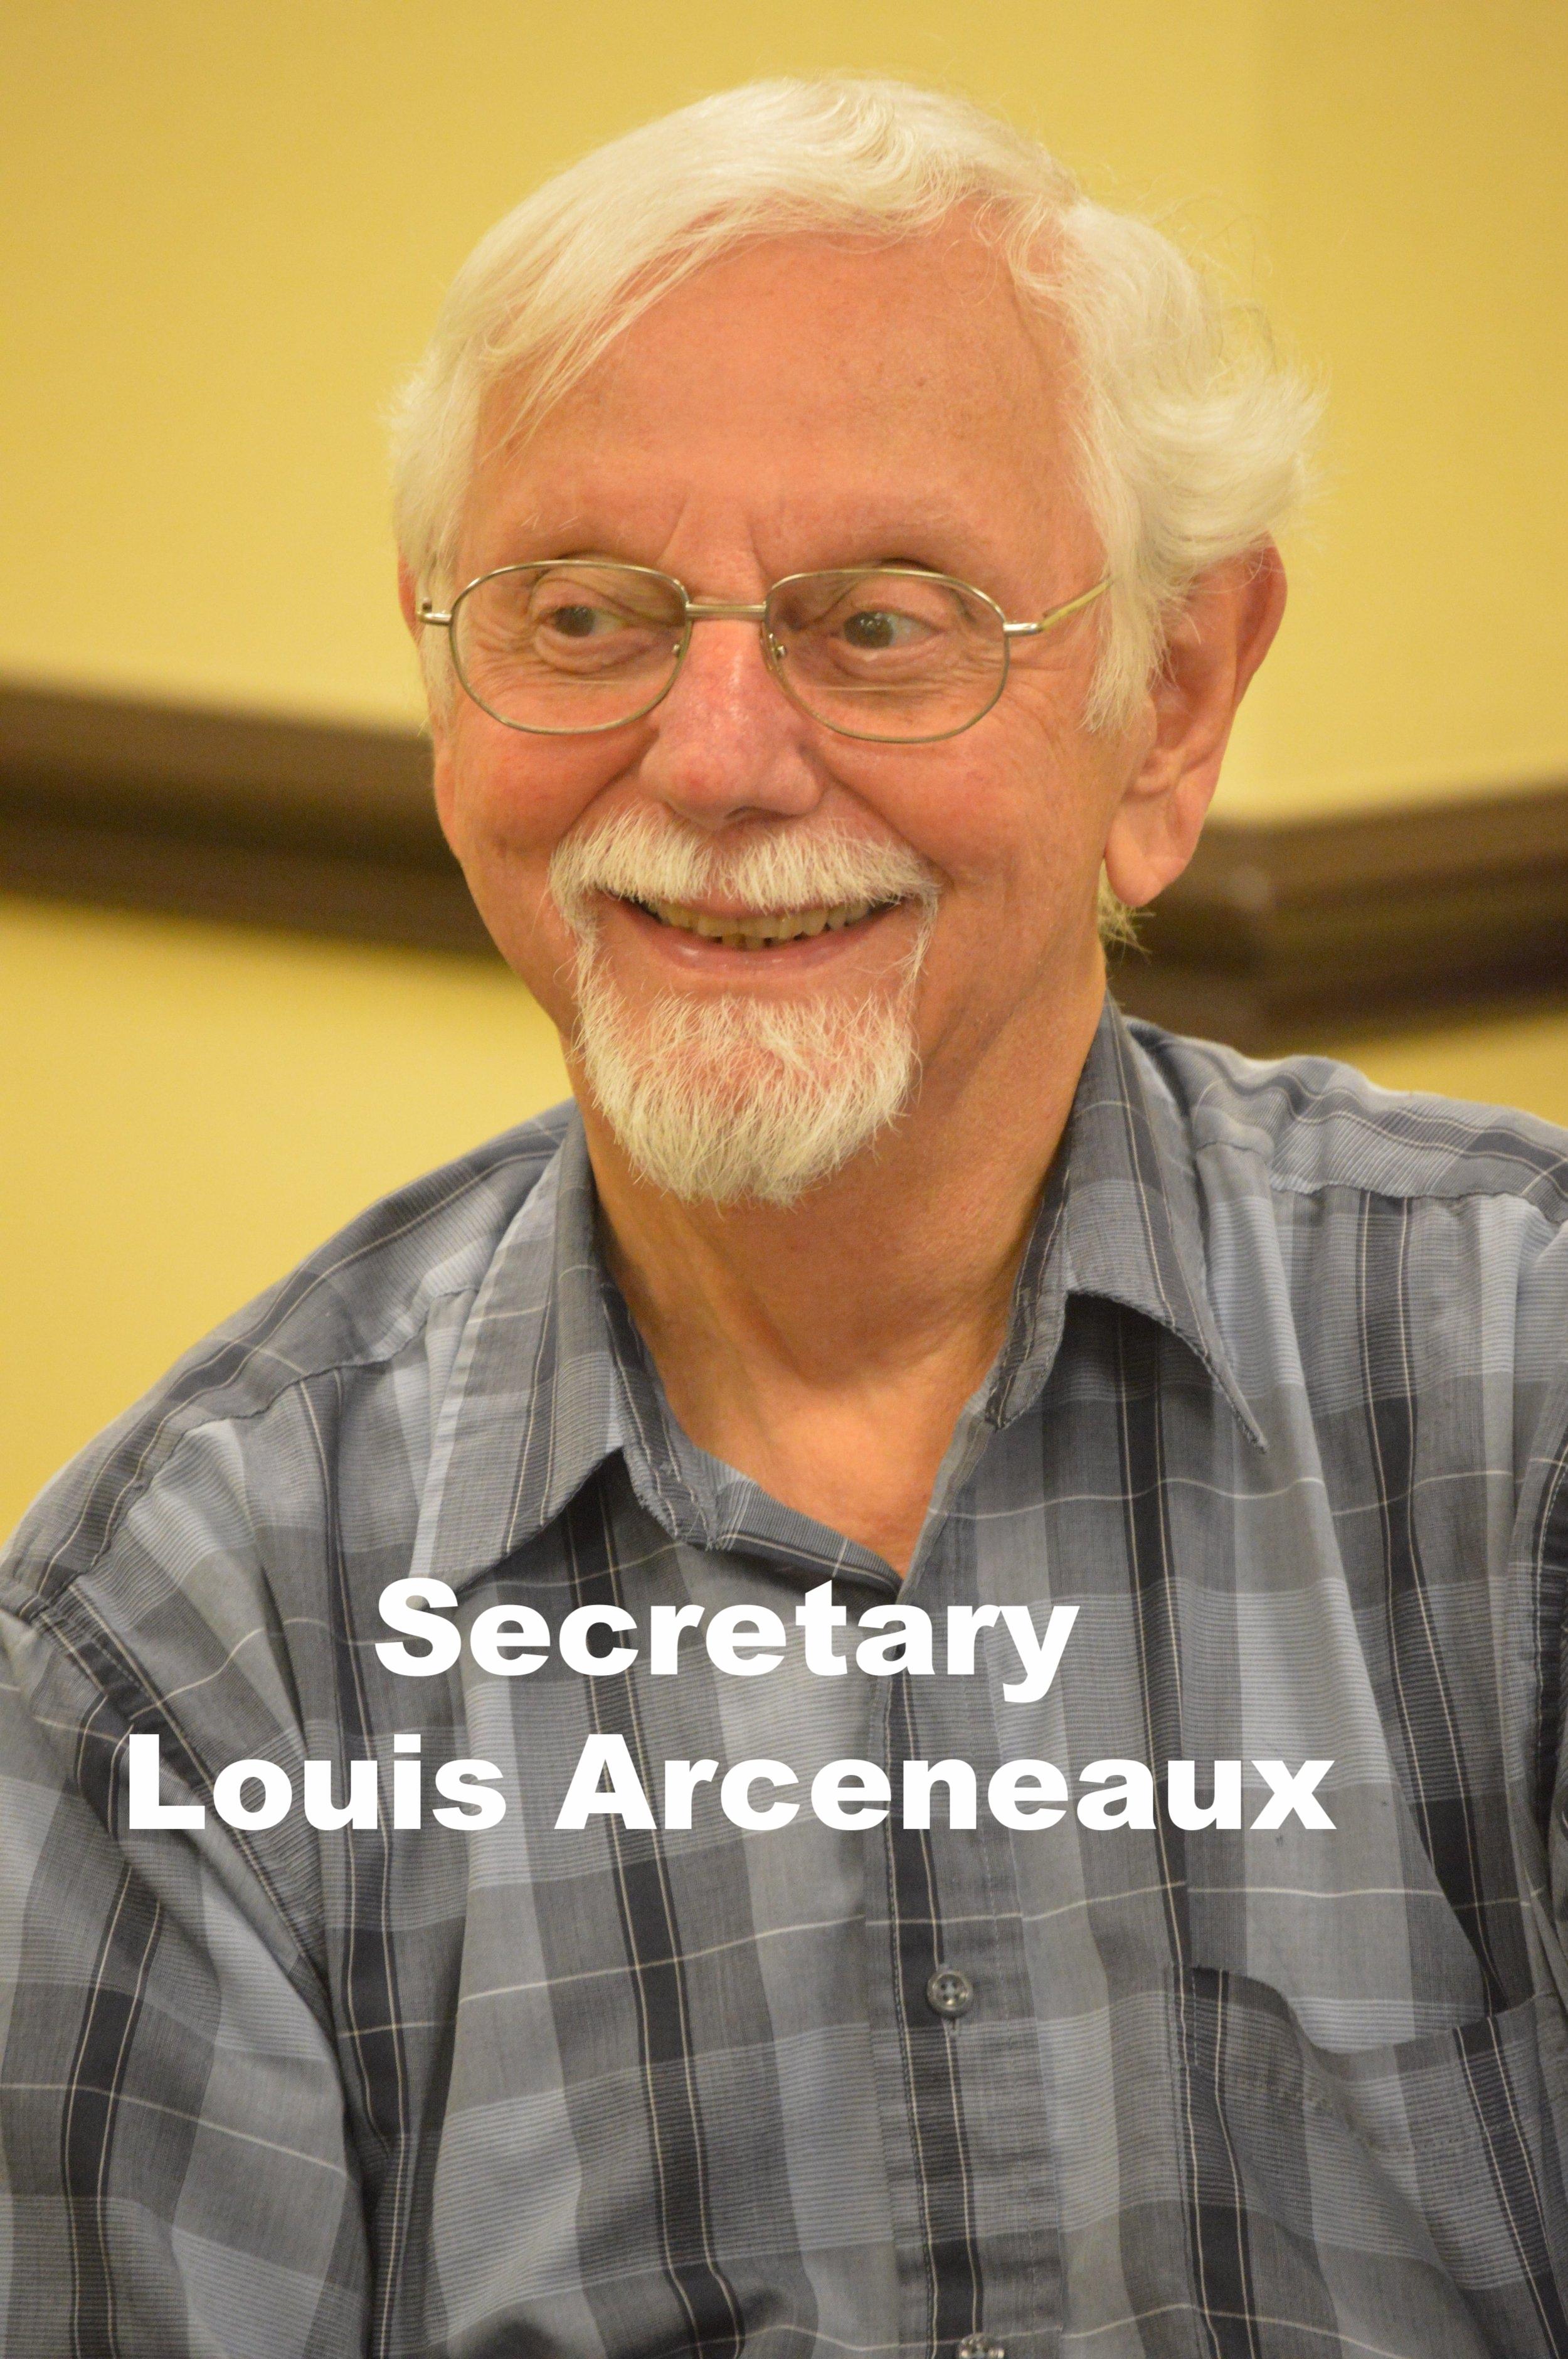 SecretaryArceneaux.jpg